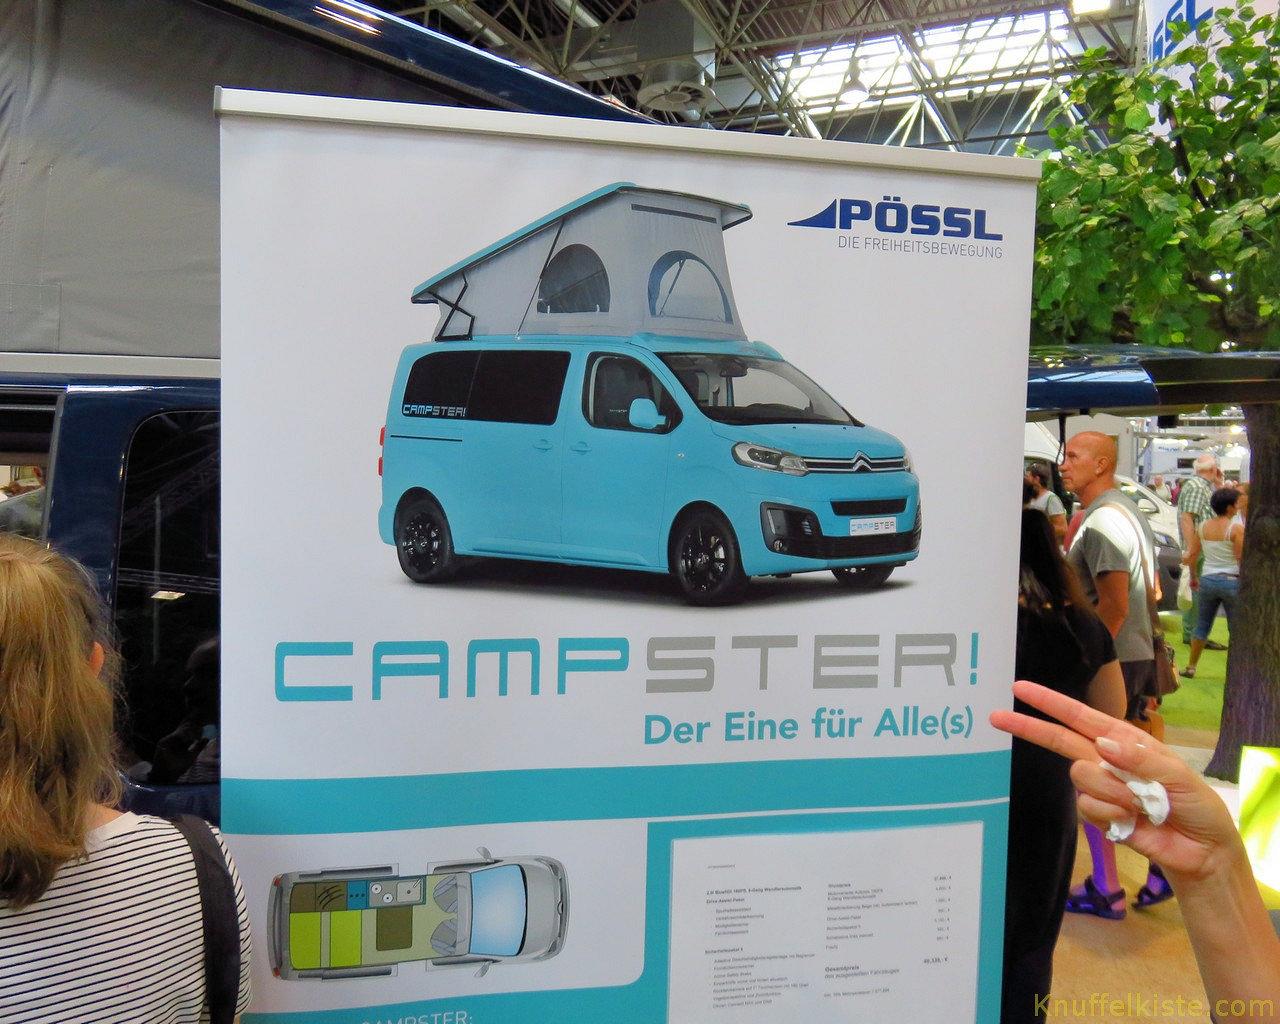 der neue Pössl Campster!